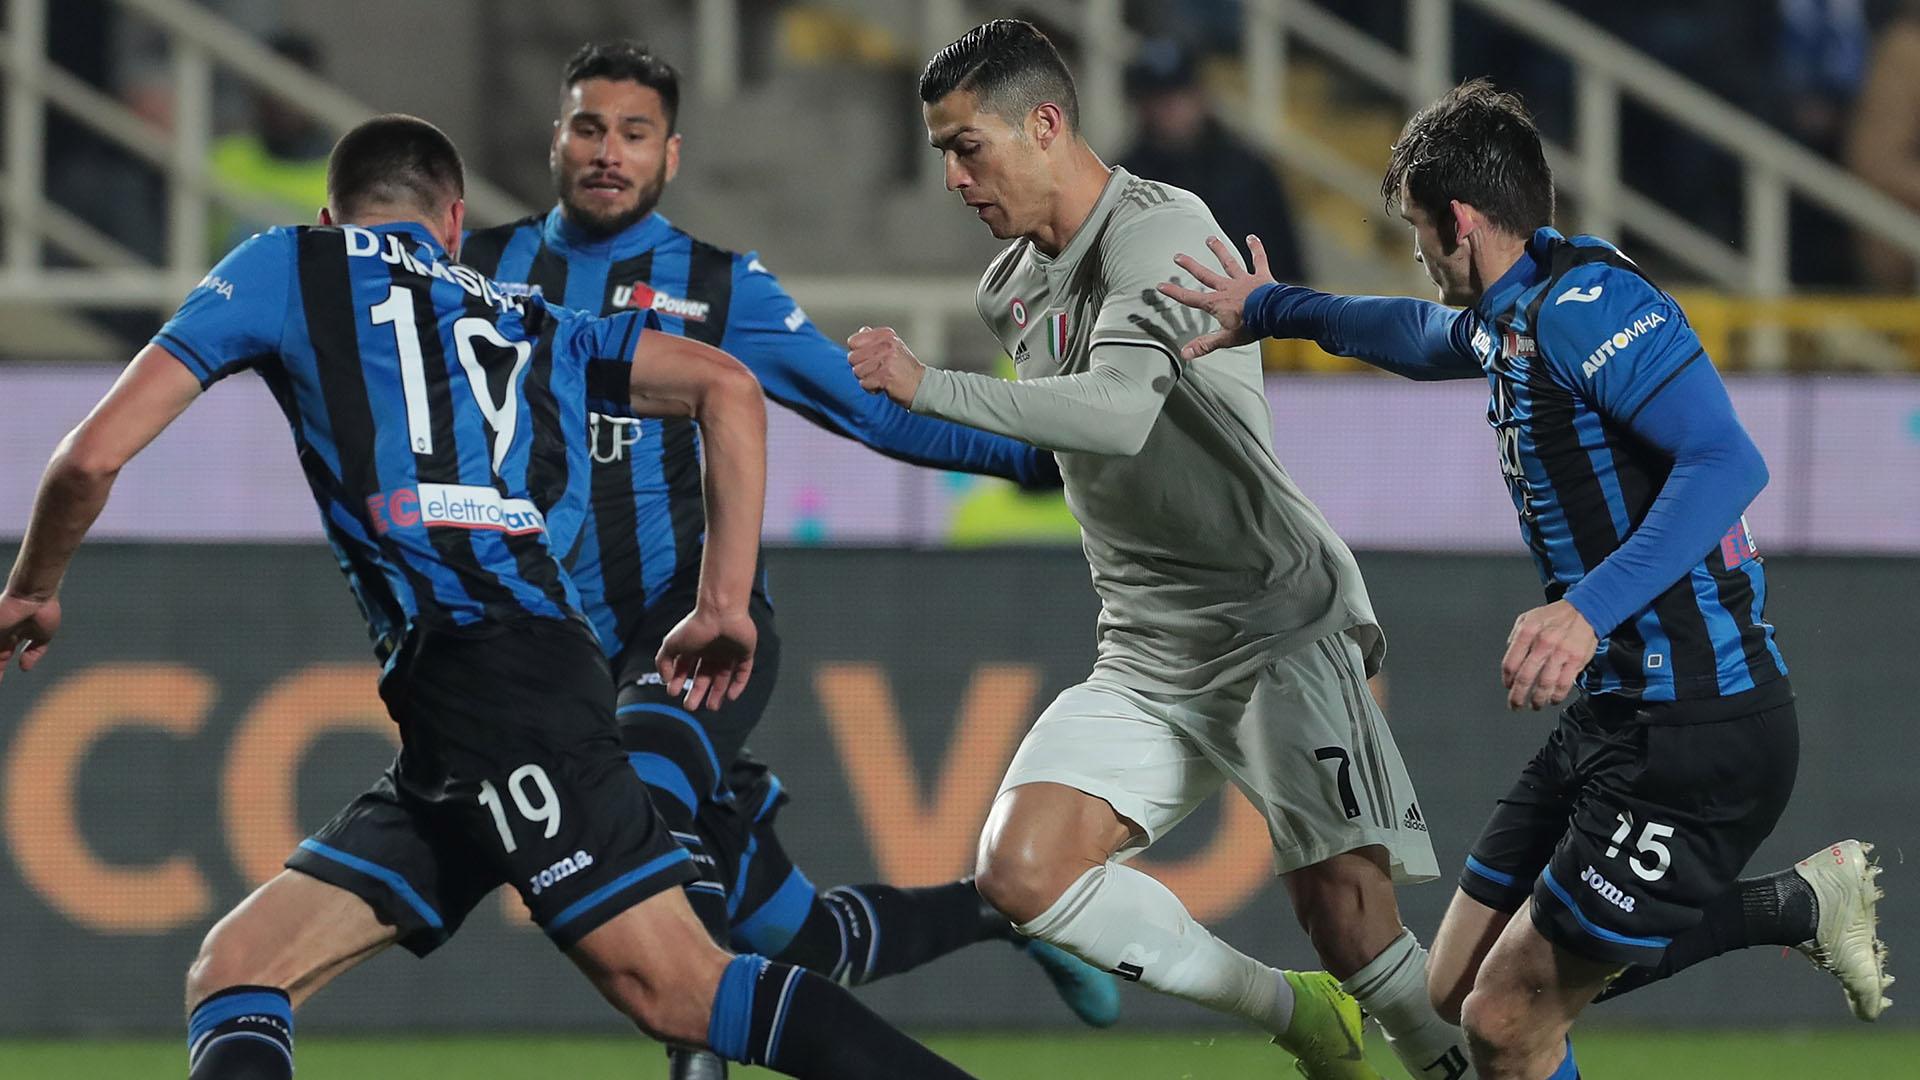 Ufficiale, Juve-Atalanta cambia orario: si giocherà alle 20:30